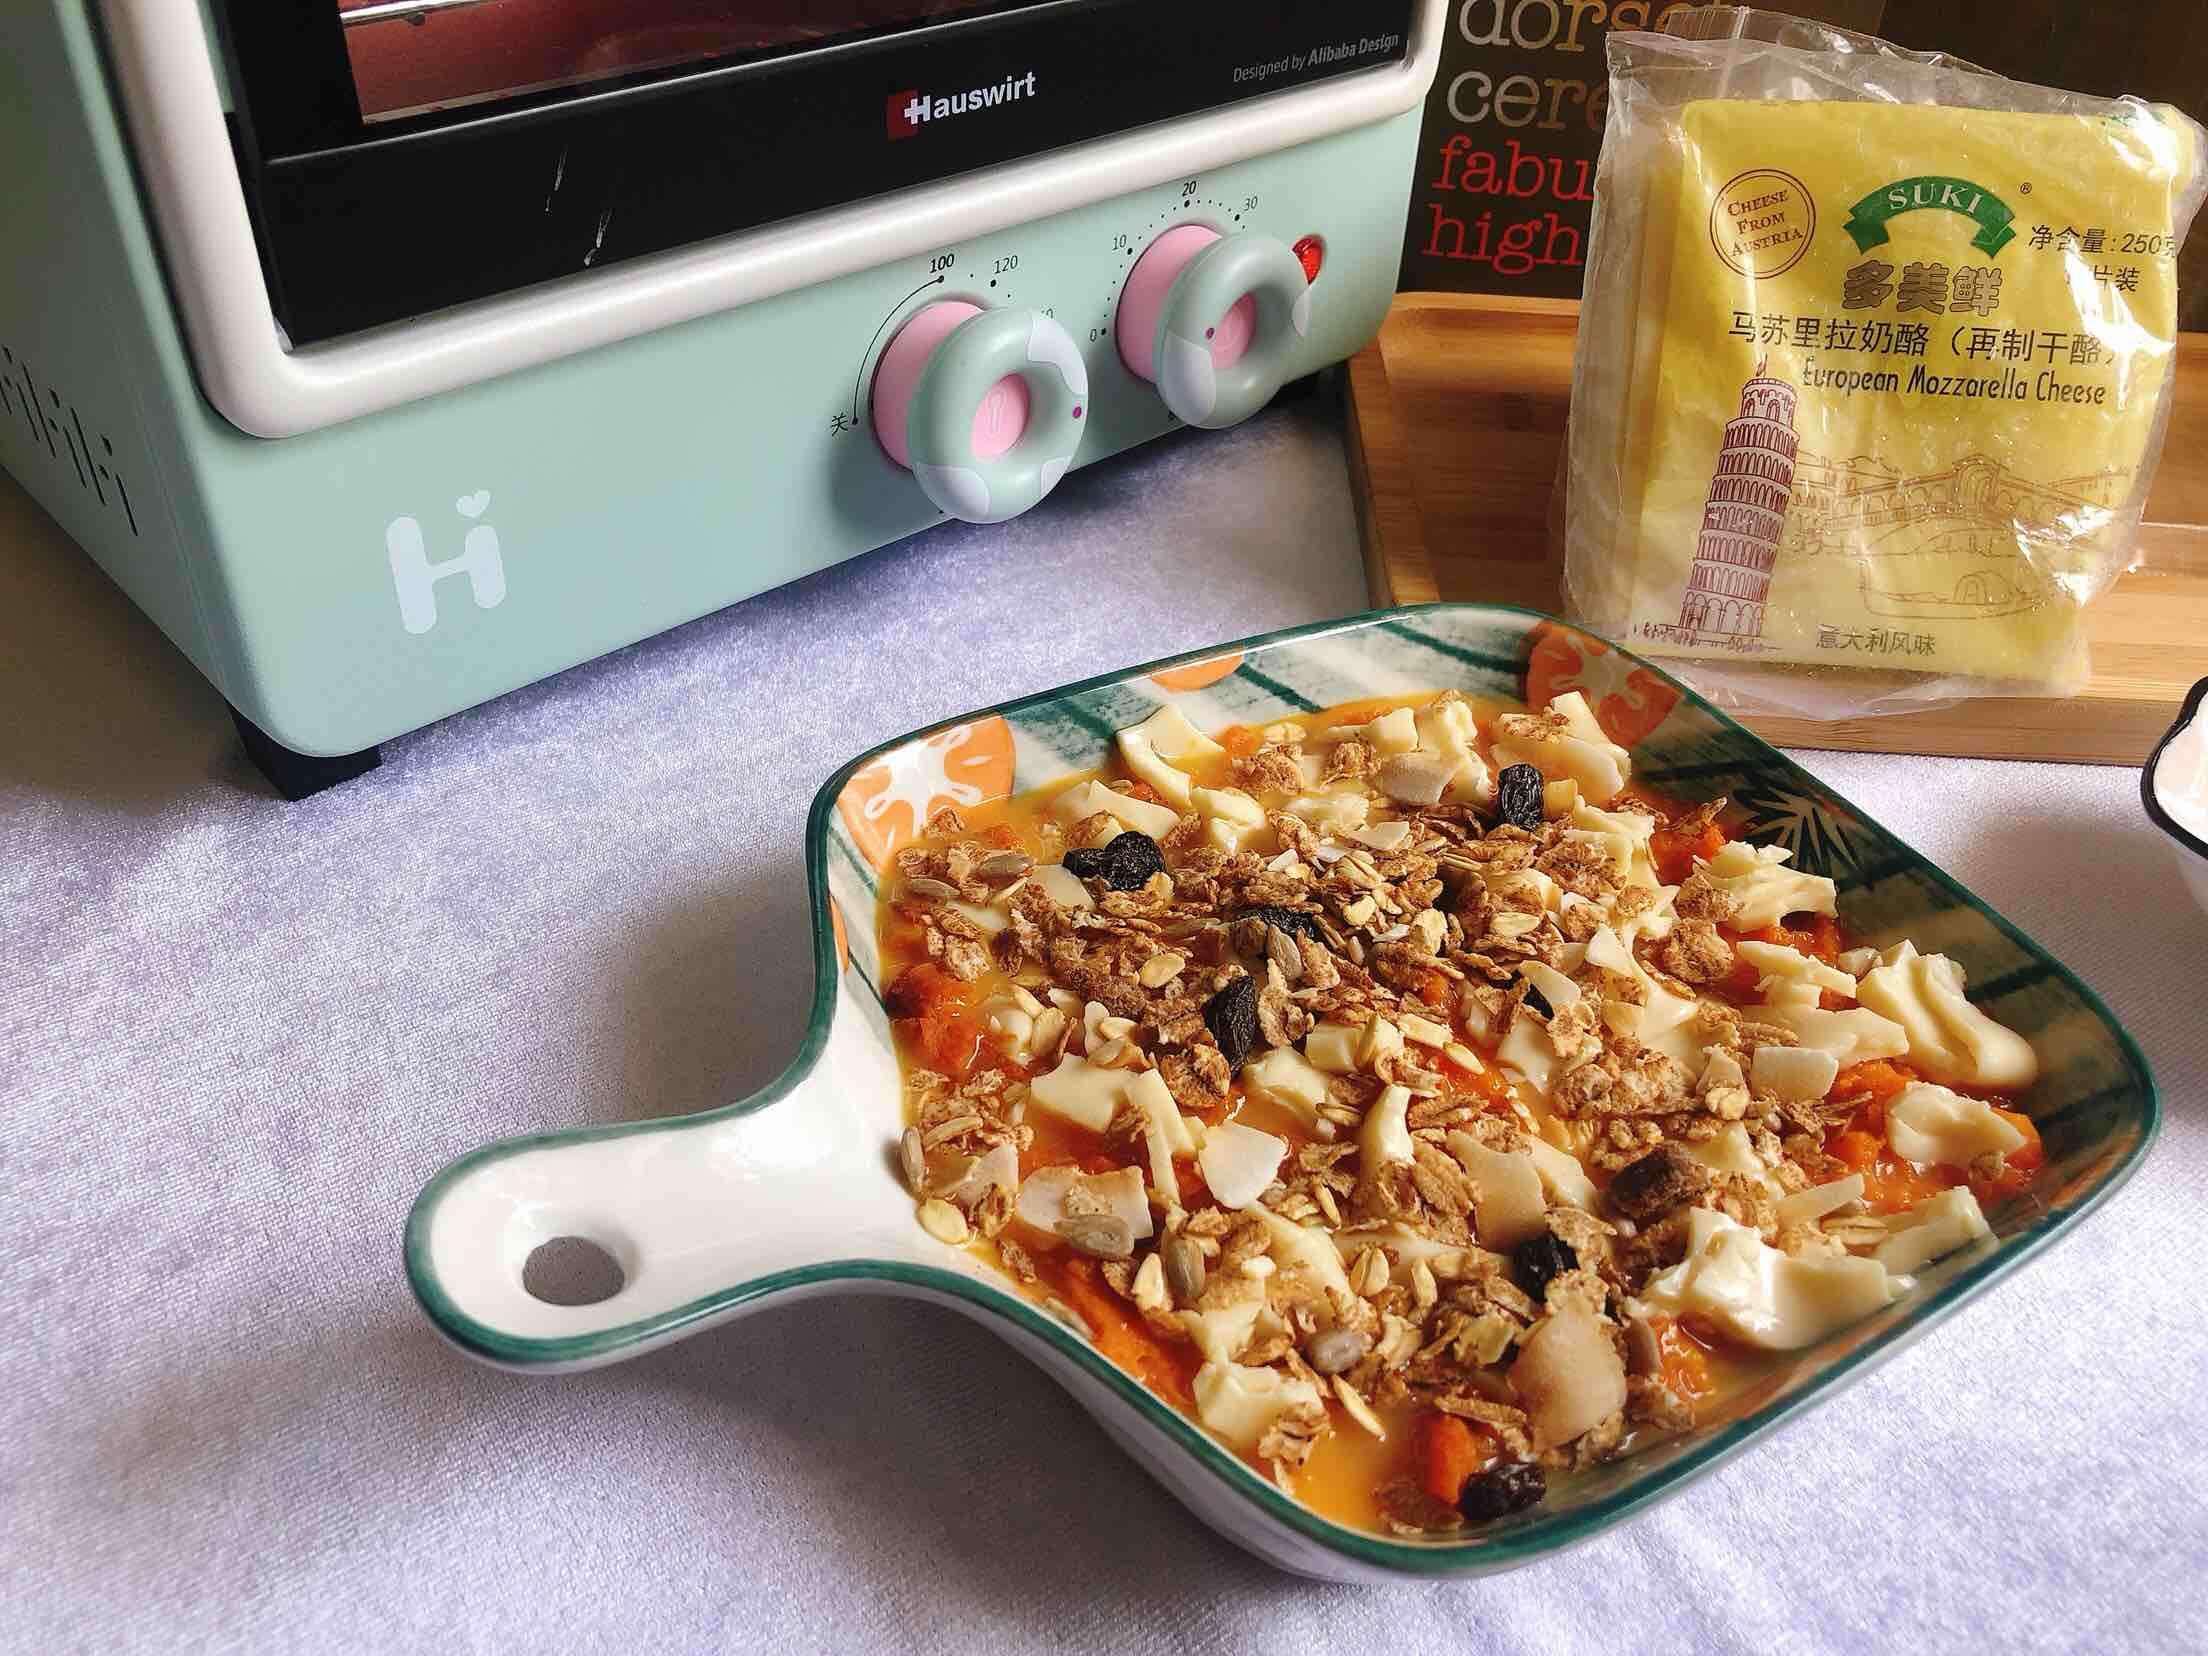 水果燕麦片之芝士焗南瓜怎么吃